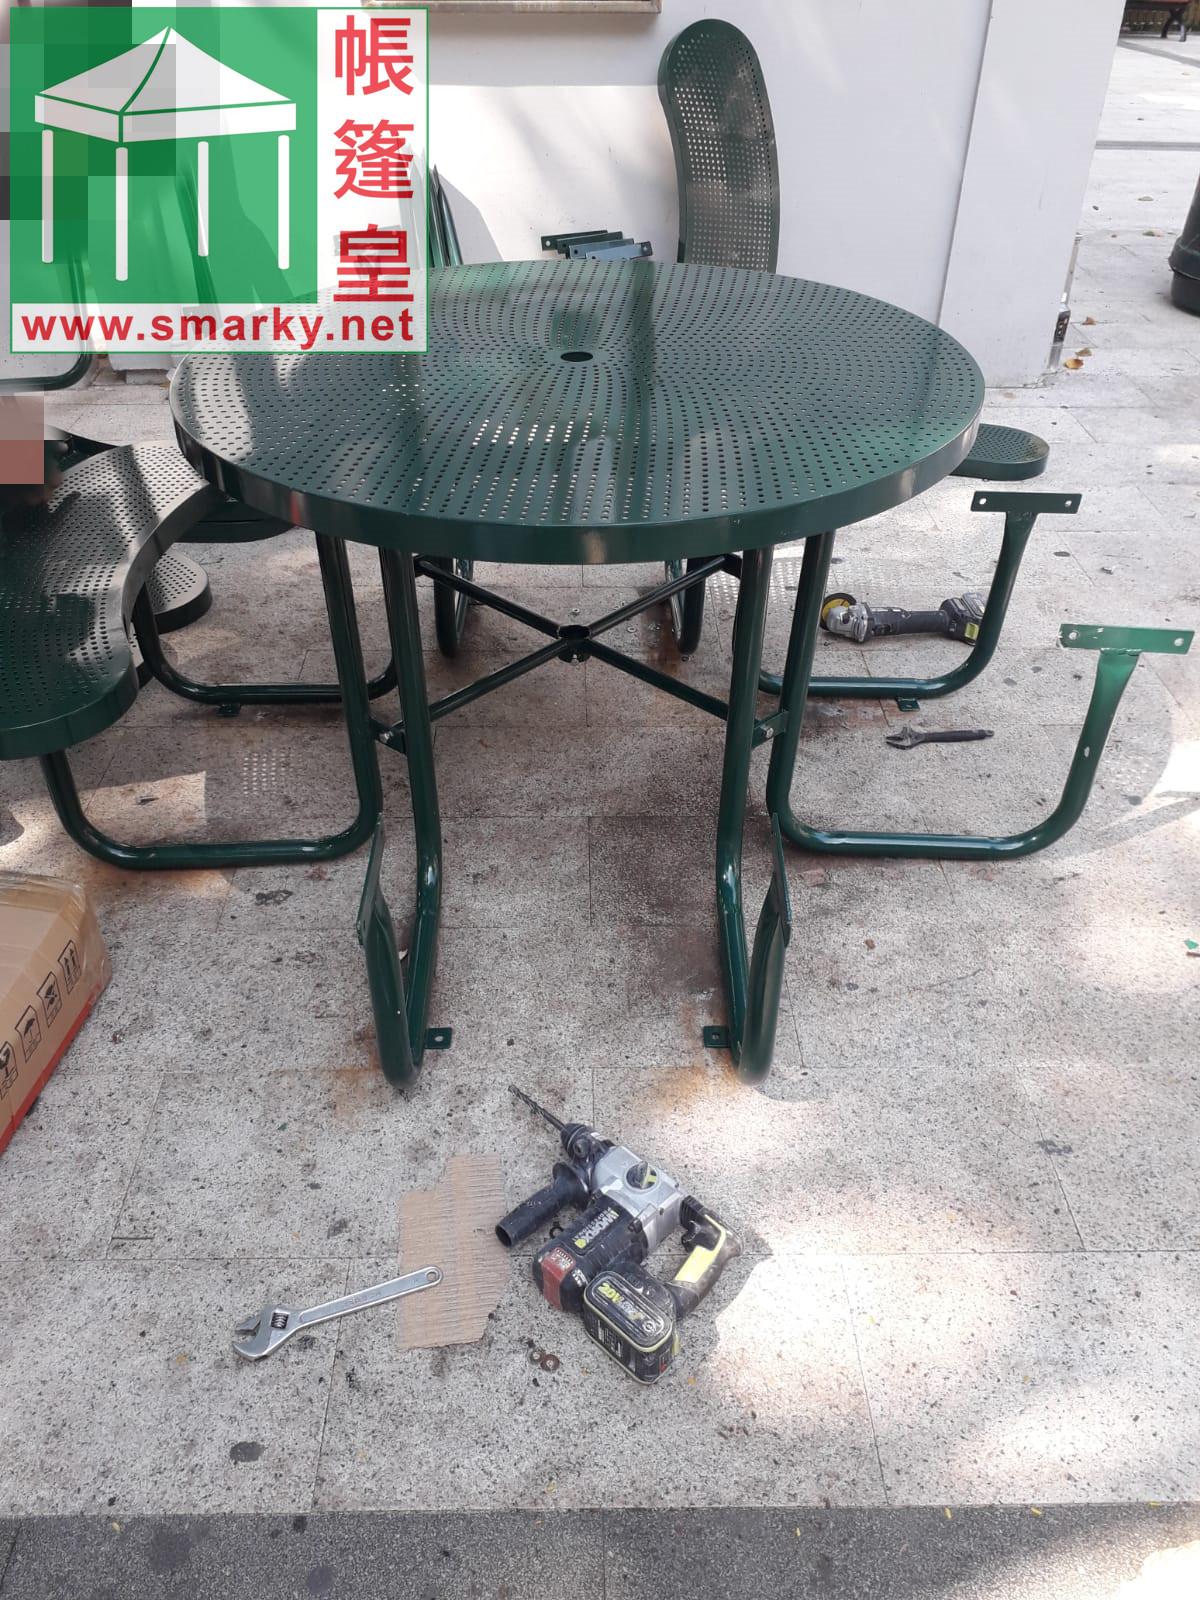 安裝新的公園桌椅組合2